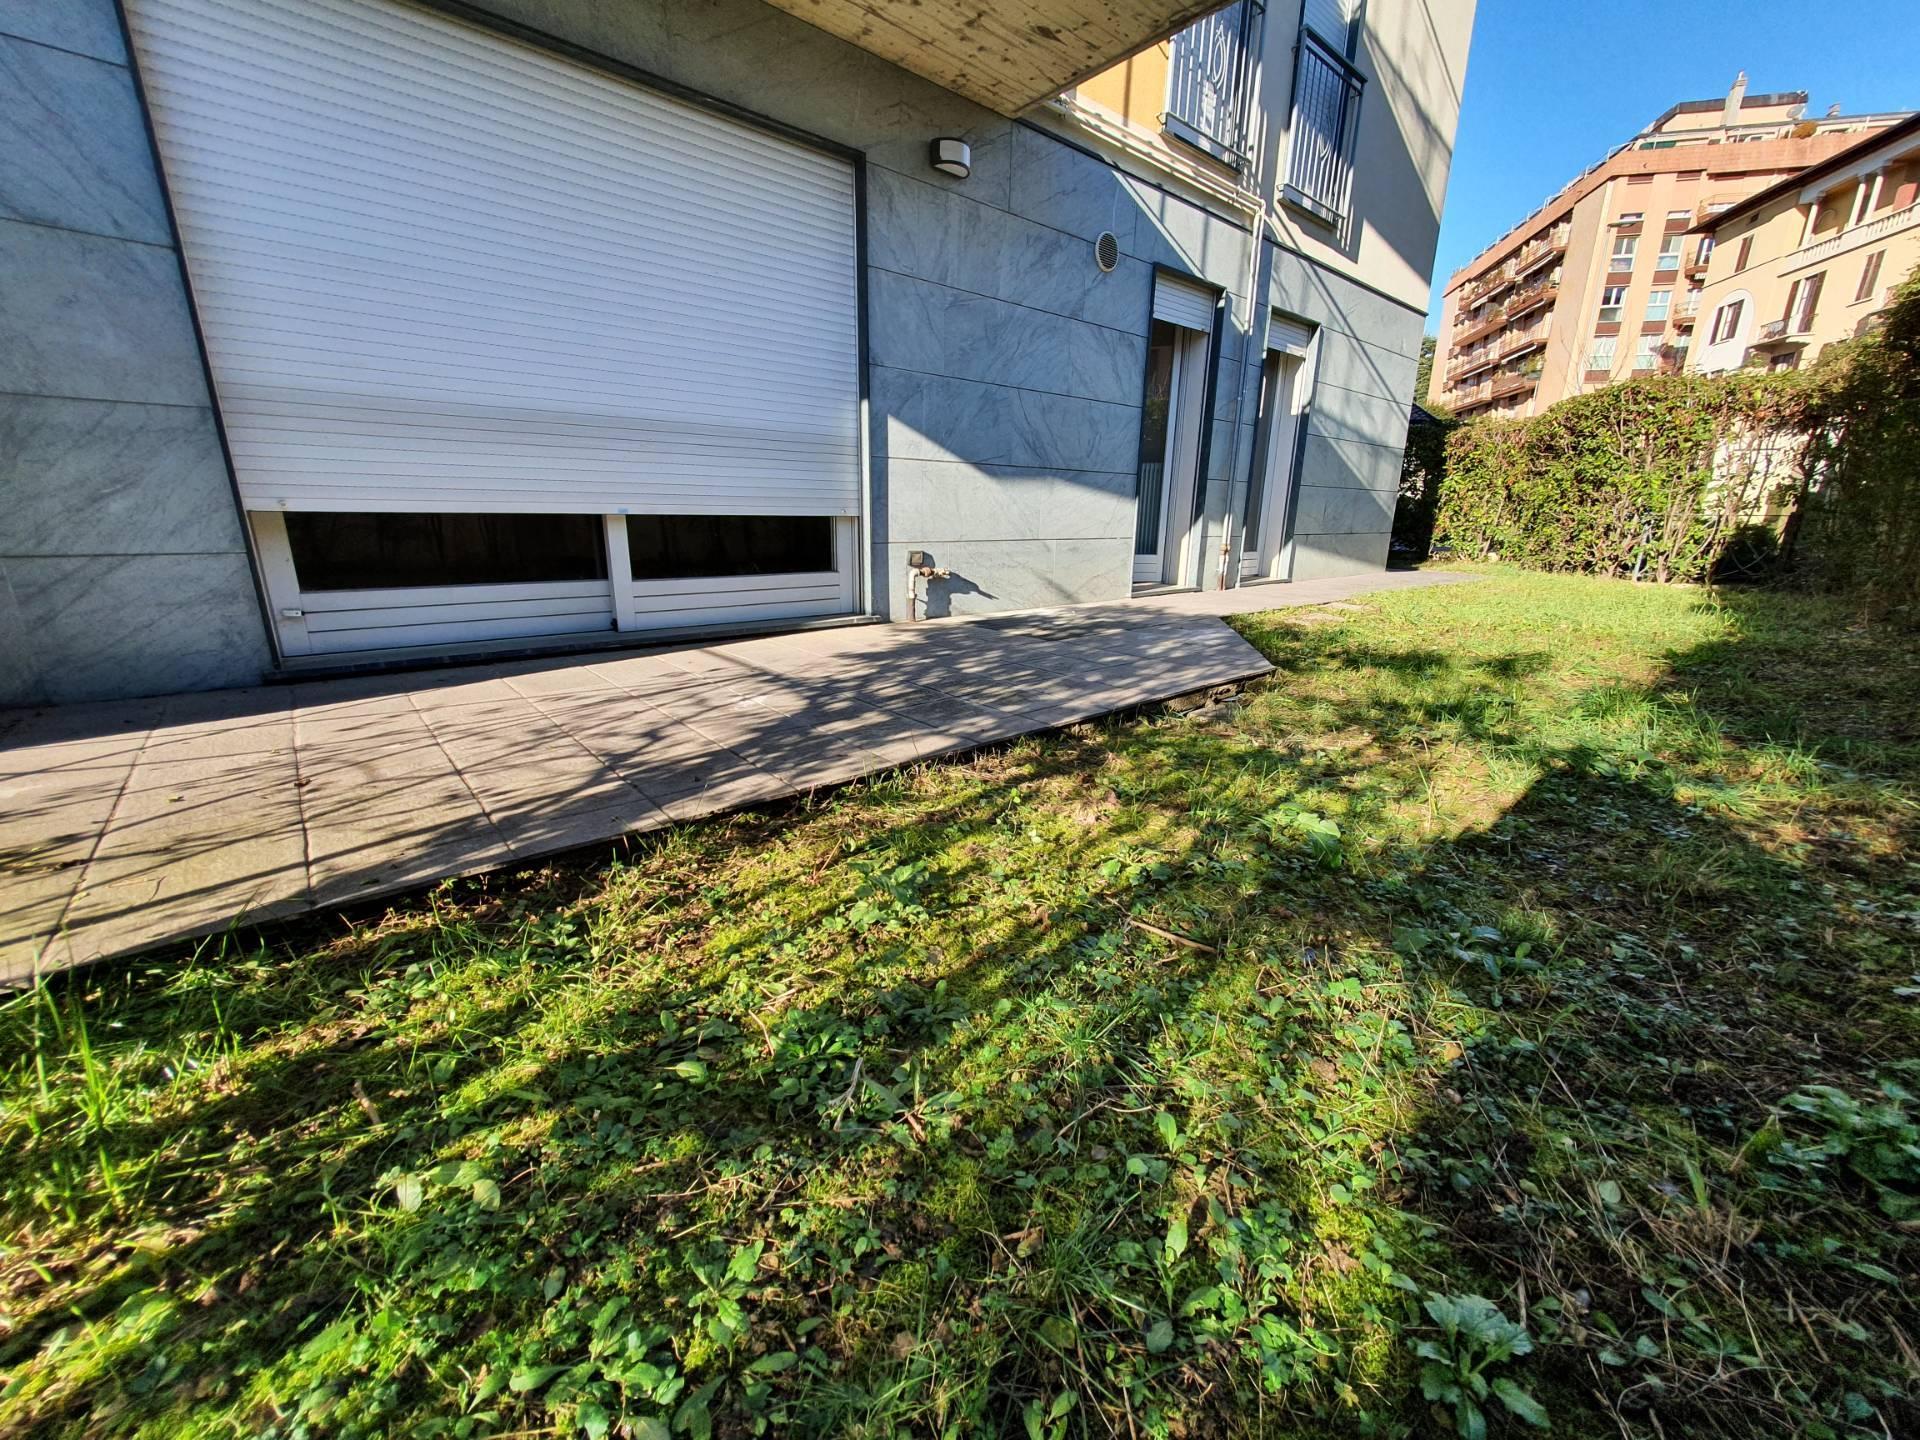 Appartamento in vendita a Bergamo, 3 locali, prezzo € 220.000 | PortaleAgenzieImmobiliari.it